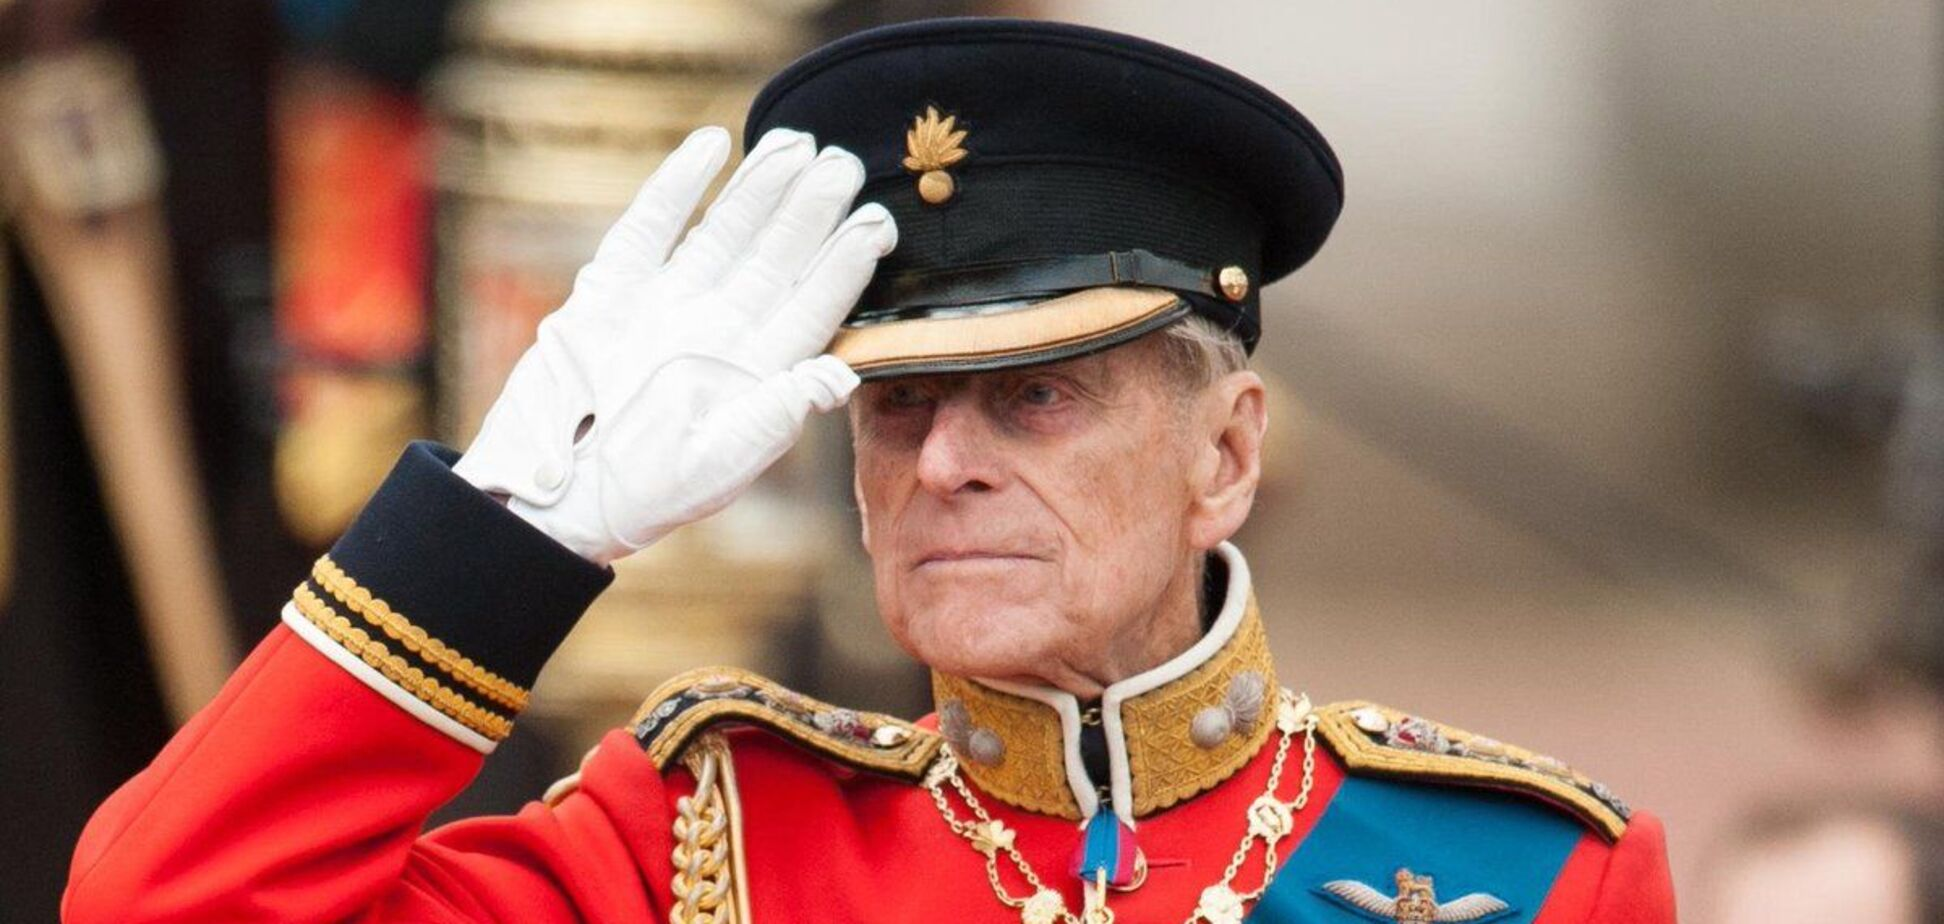 Стало известно, кто унаследует титул герцога Эдинбургского после смерти принца Филиппа